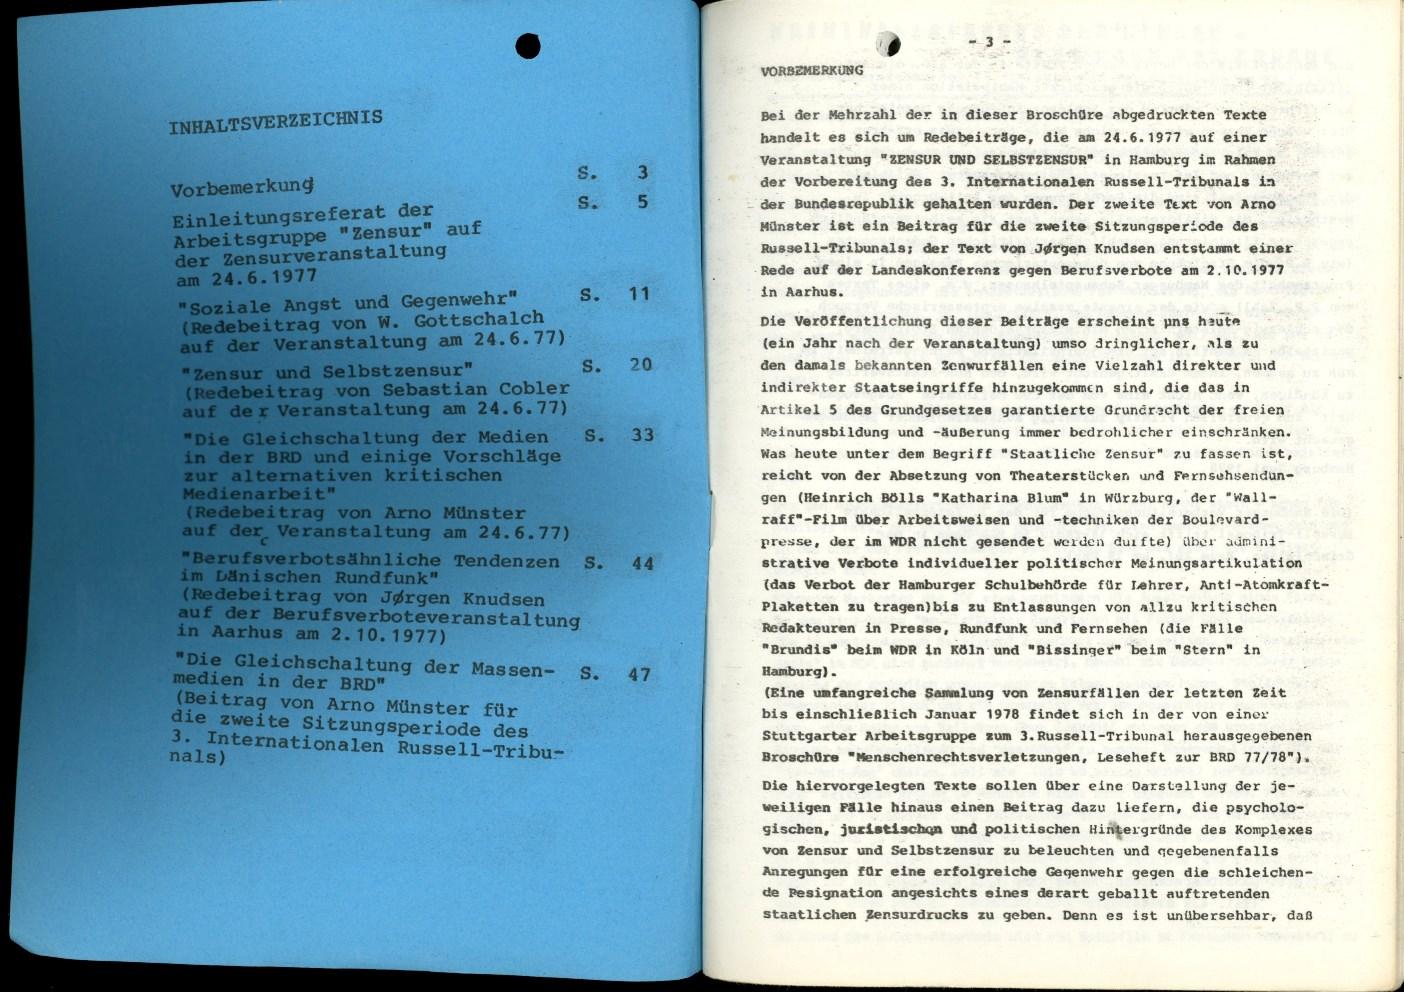 Hamburg_Vorbereitungsgruppe_Russell_Tribunal_Zensur_1978_02